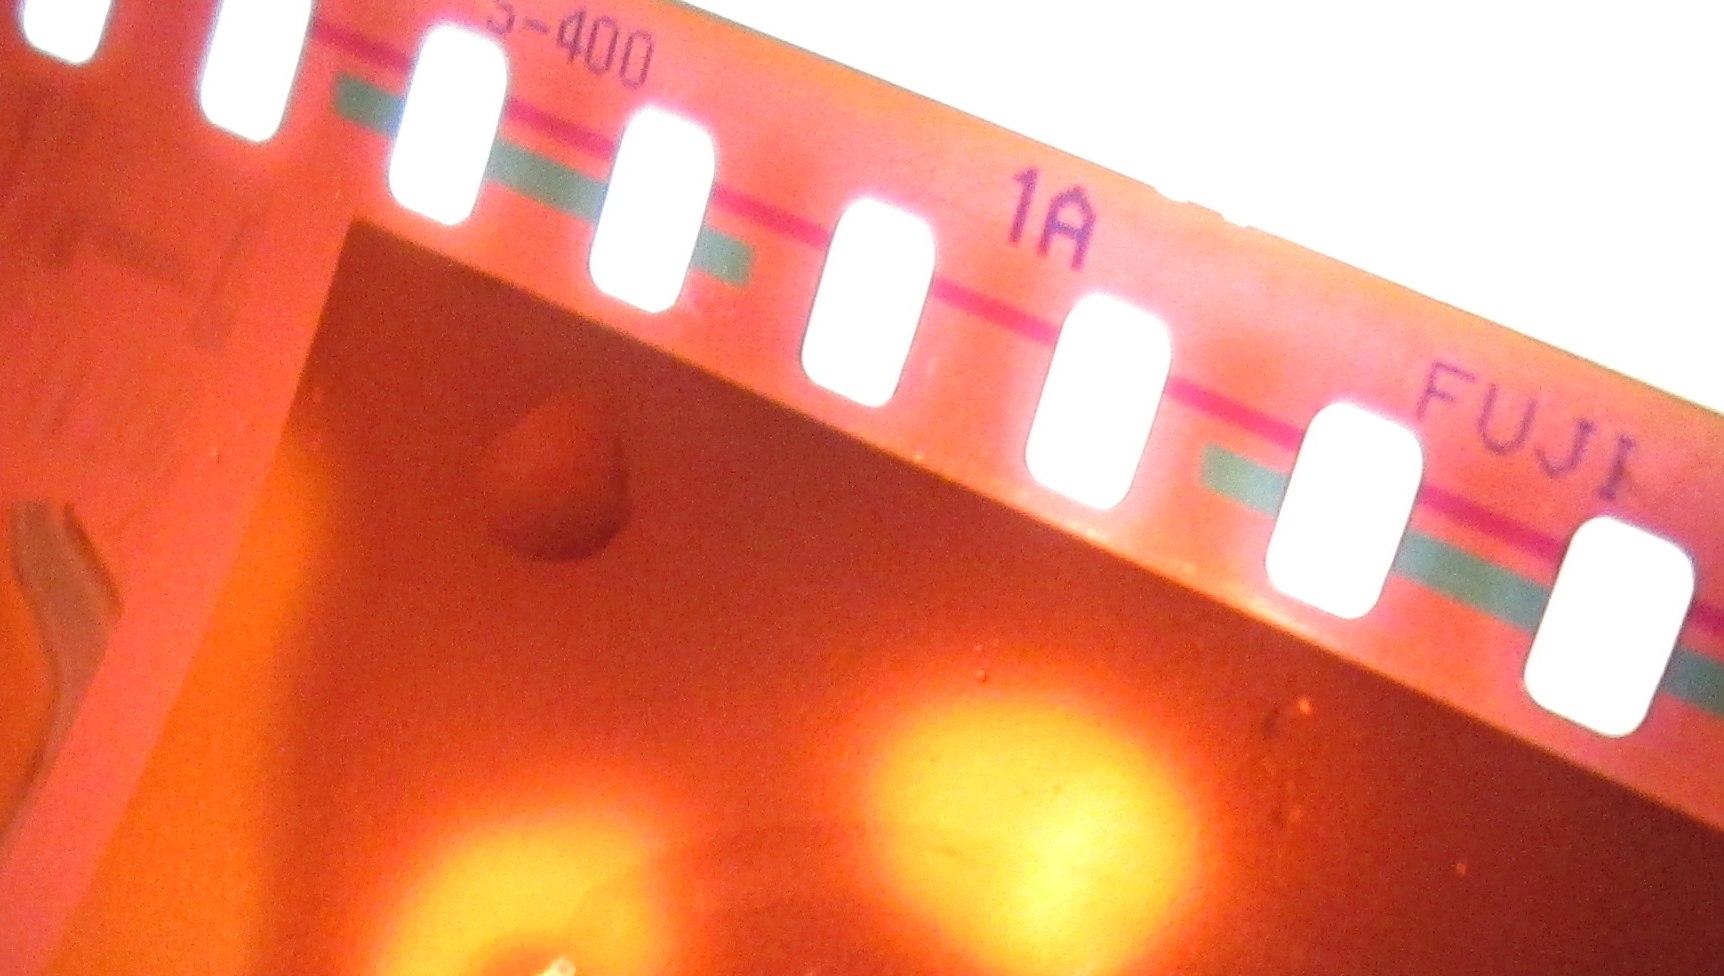 FujiFilm ISO 400 C-41 film negative